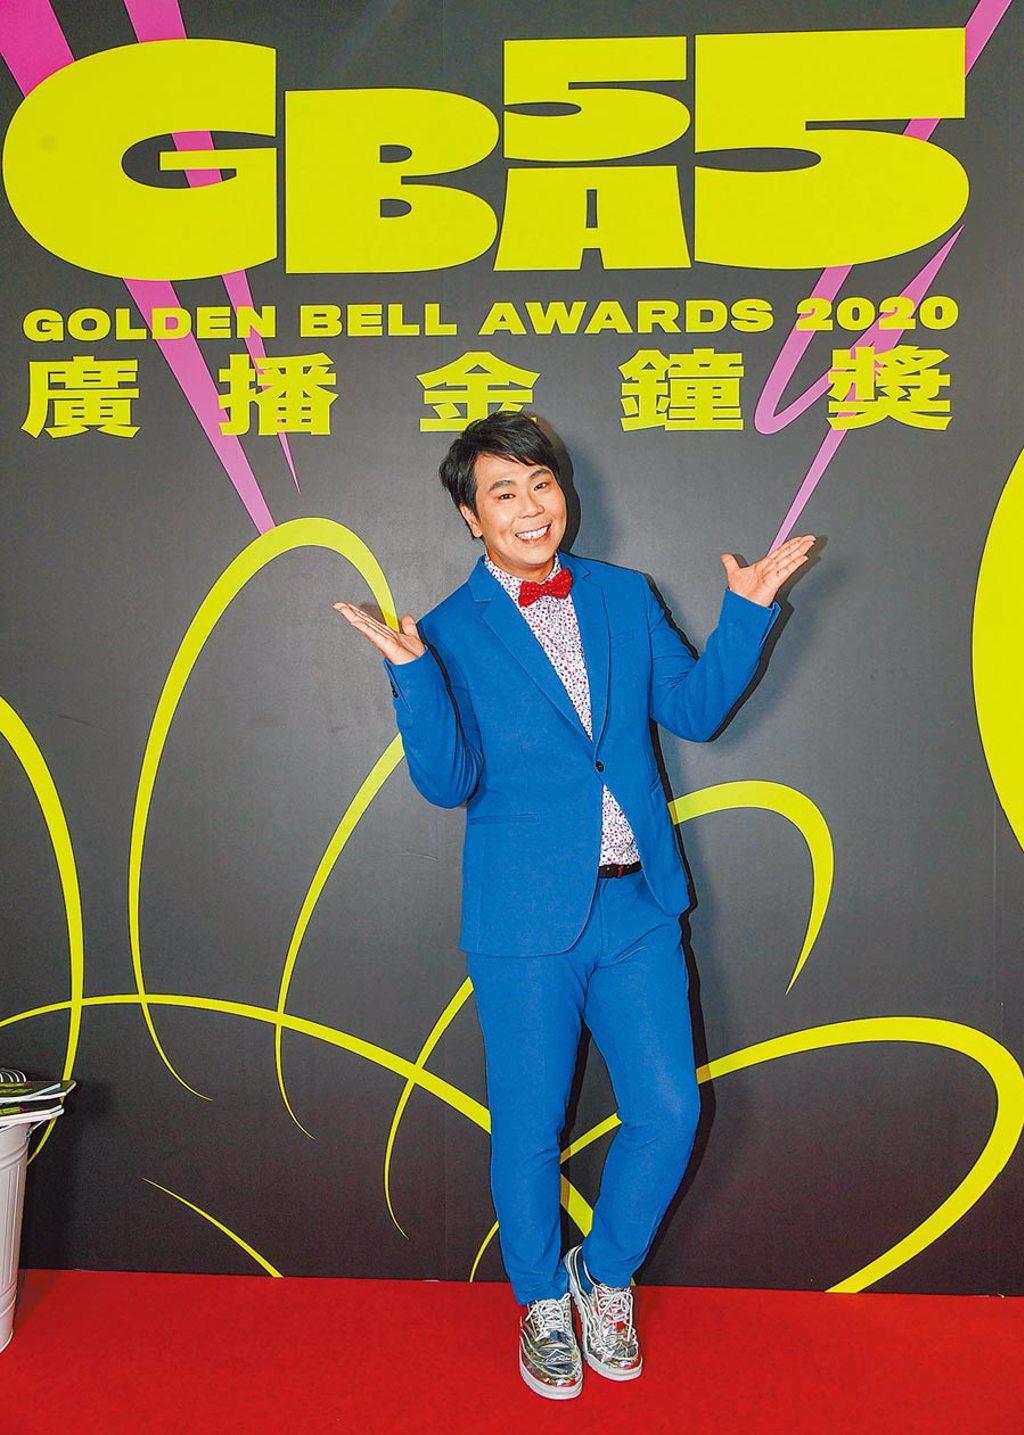 邵大倫昨入圍本屆廣播金鐘大獎,十分興奮。(三立提供)